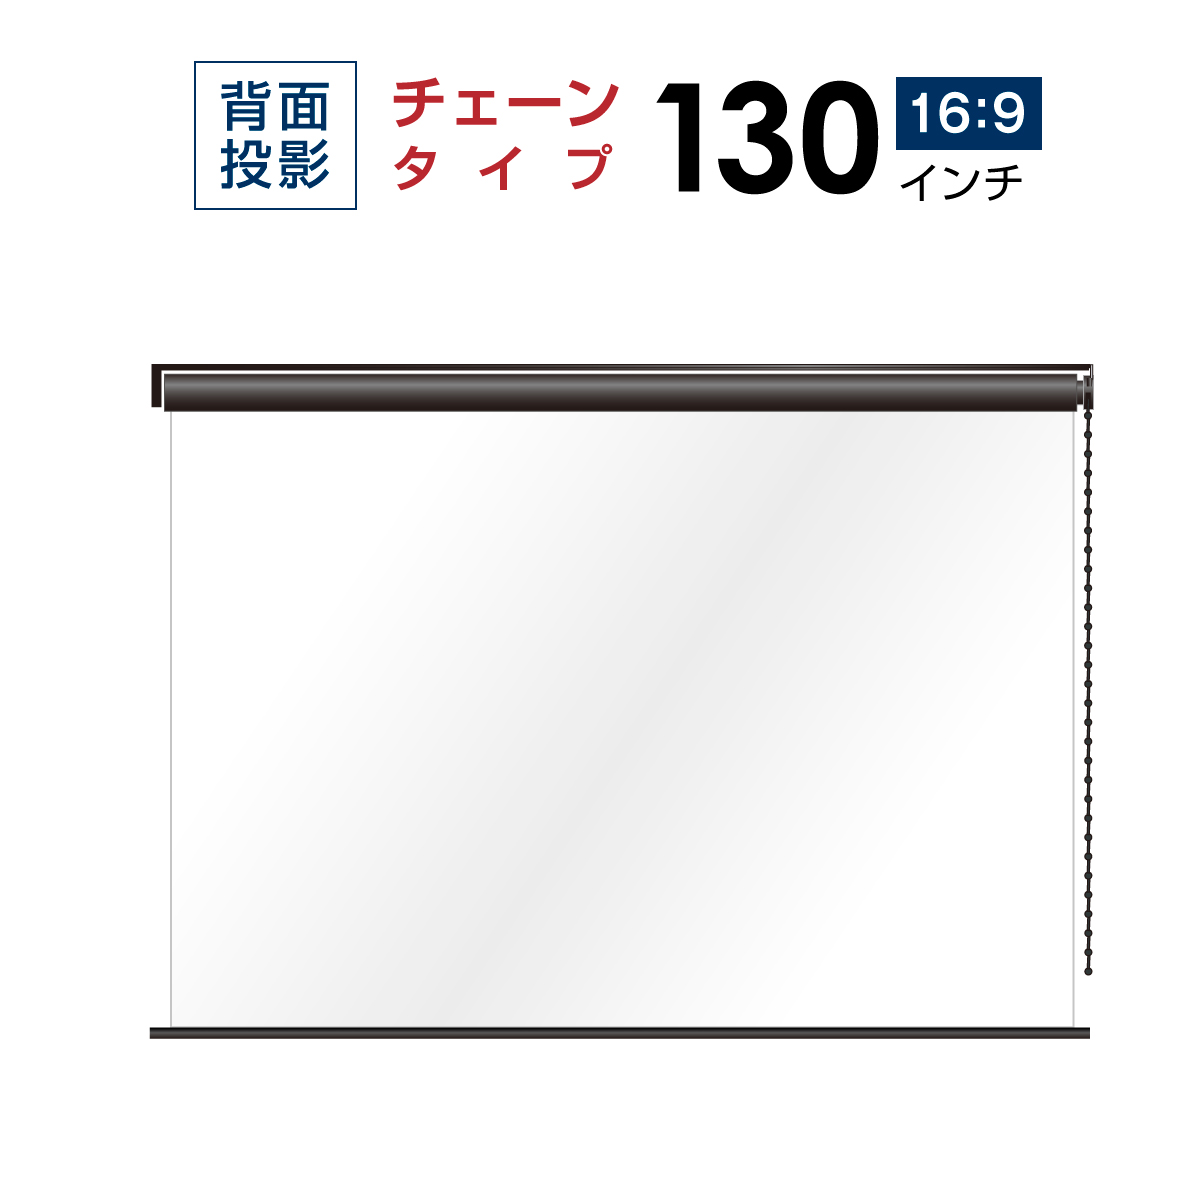 プロジェクタースクリーン チェーンスクリーン BCH2880FTS リア投影タイプ【10年保証/送料無料】 シアターハウス 130インチ(16:9)